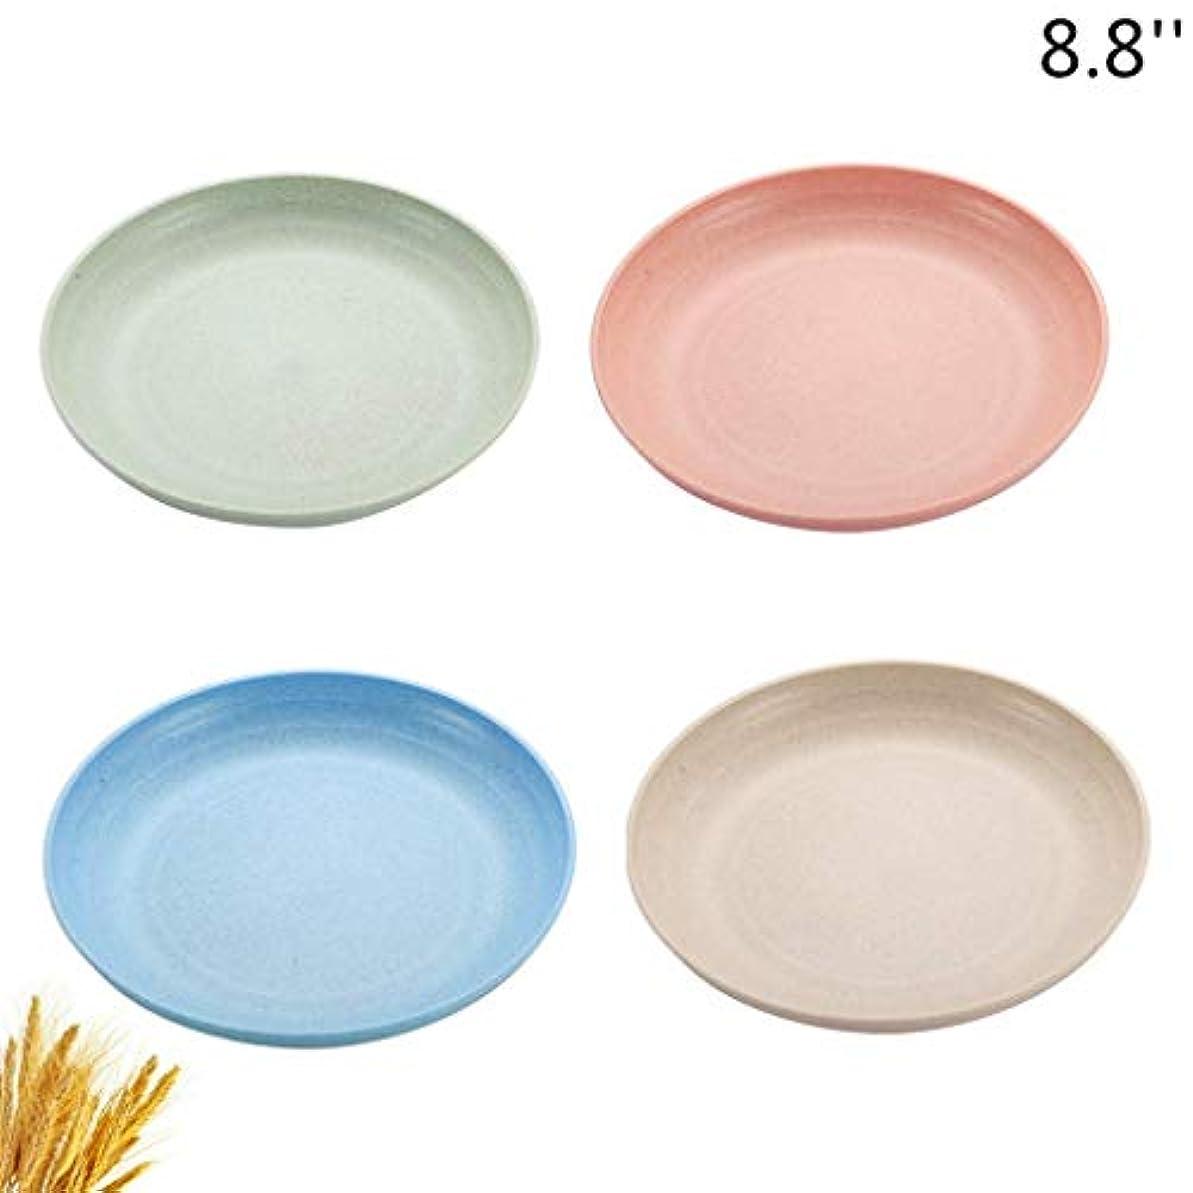 NNBB 軽量&壊れない麦わら皿 8.8インチ 電子レンジ 非毒性 健康 環境に優しい 分解性皿 健康的 BPA安全 食事 フルーツスナックコンテナ用 (4個パック)。